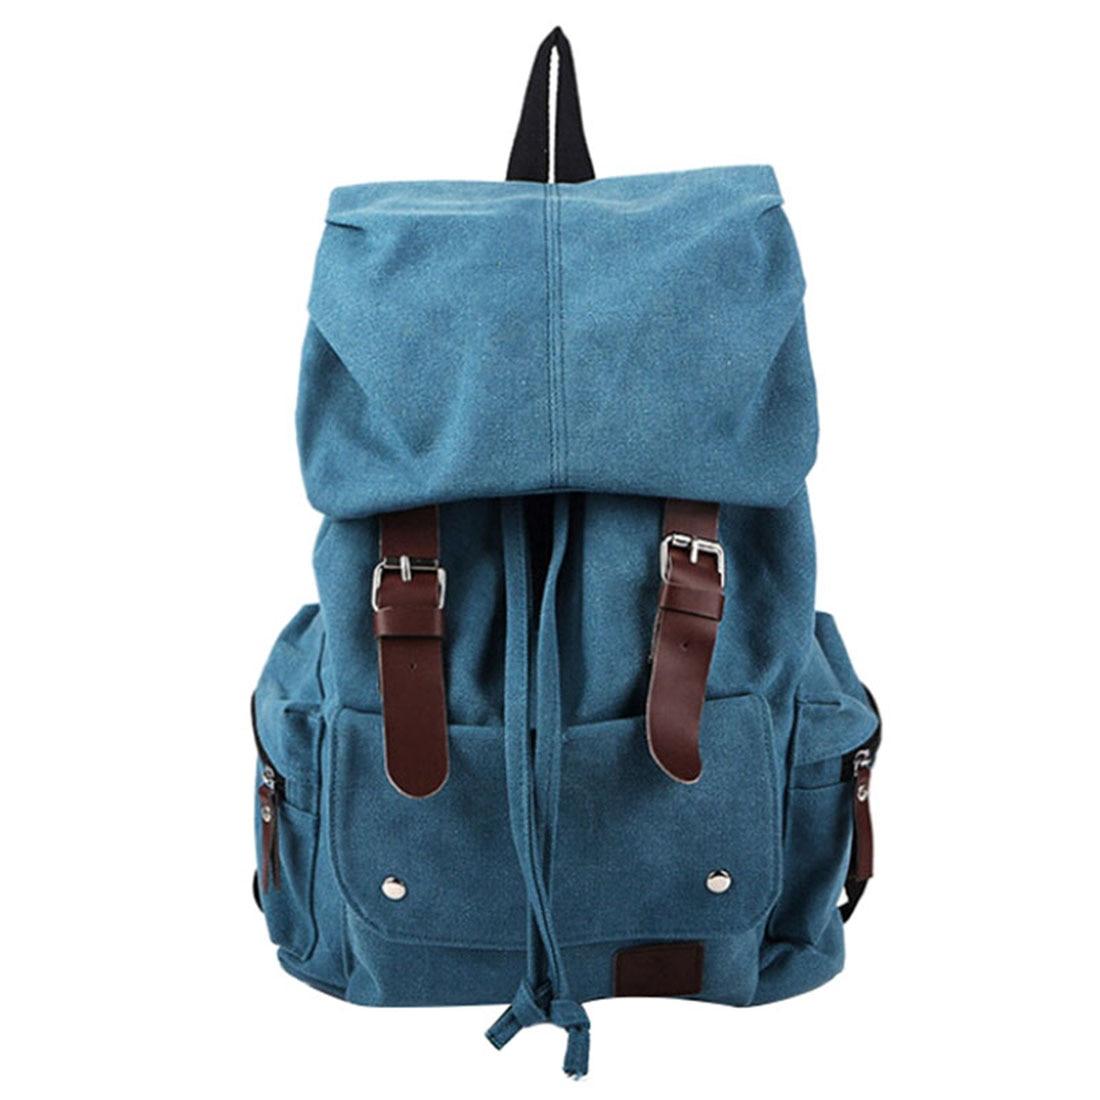 ffe5a96fa8c1 Fashion Men s Backpack Vintage Canvas Shoulder bag Backpack school bag  travel bag